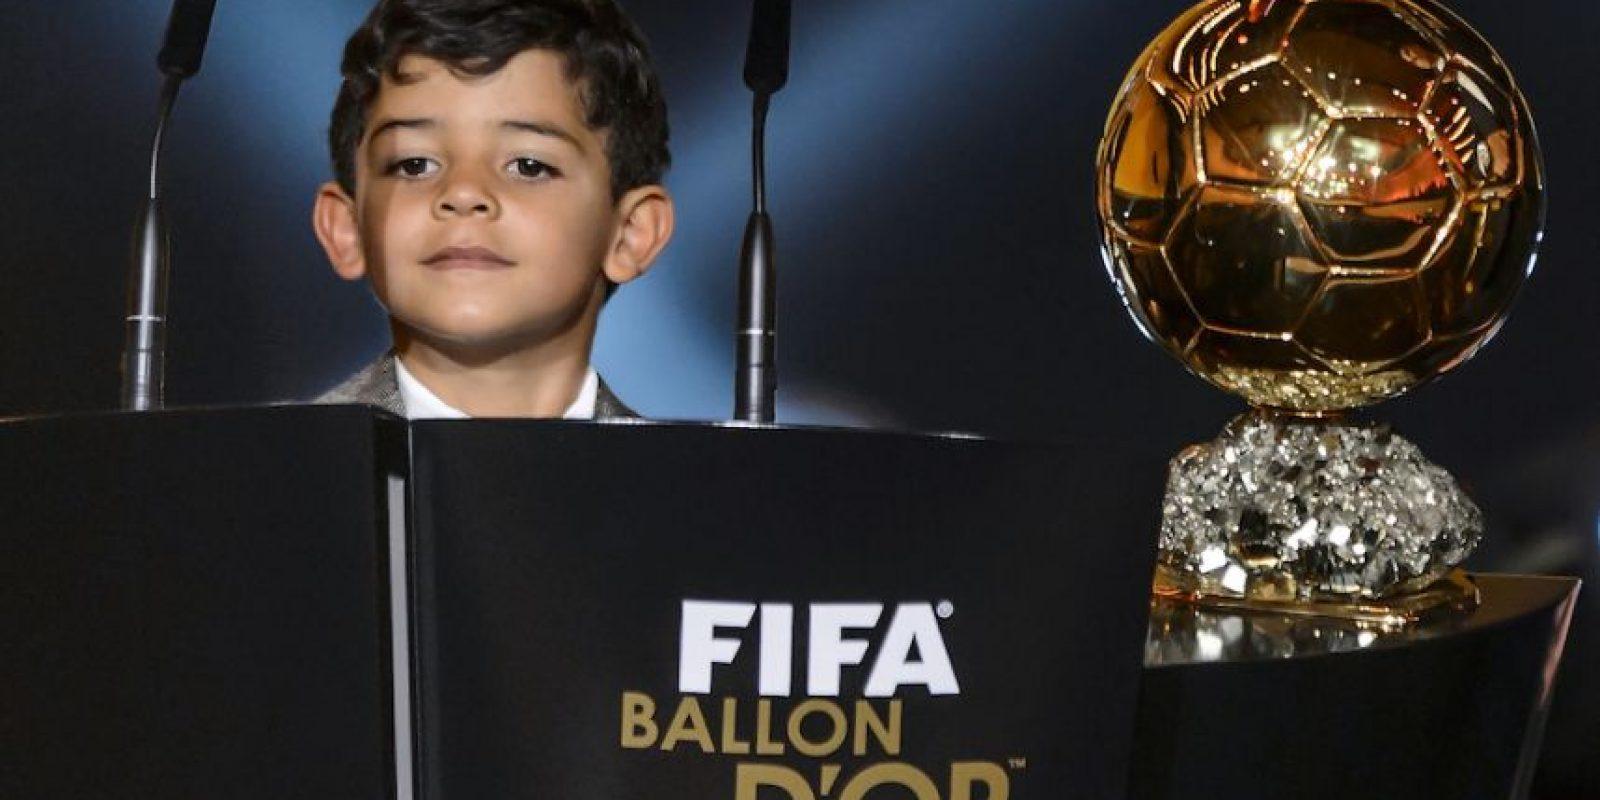 Su pqueño hijo Cristiano Ronaldo Jr. también fue al evento. Foto:AFP